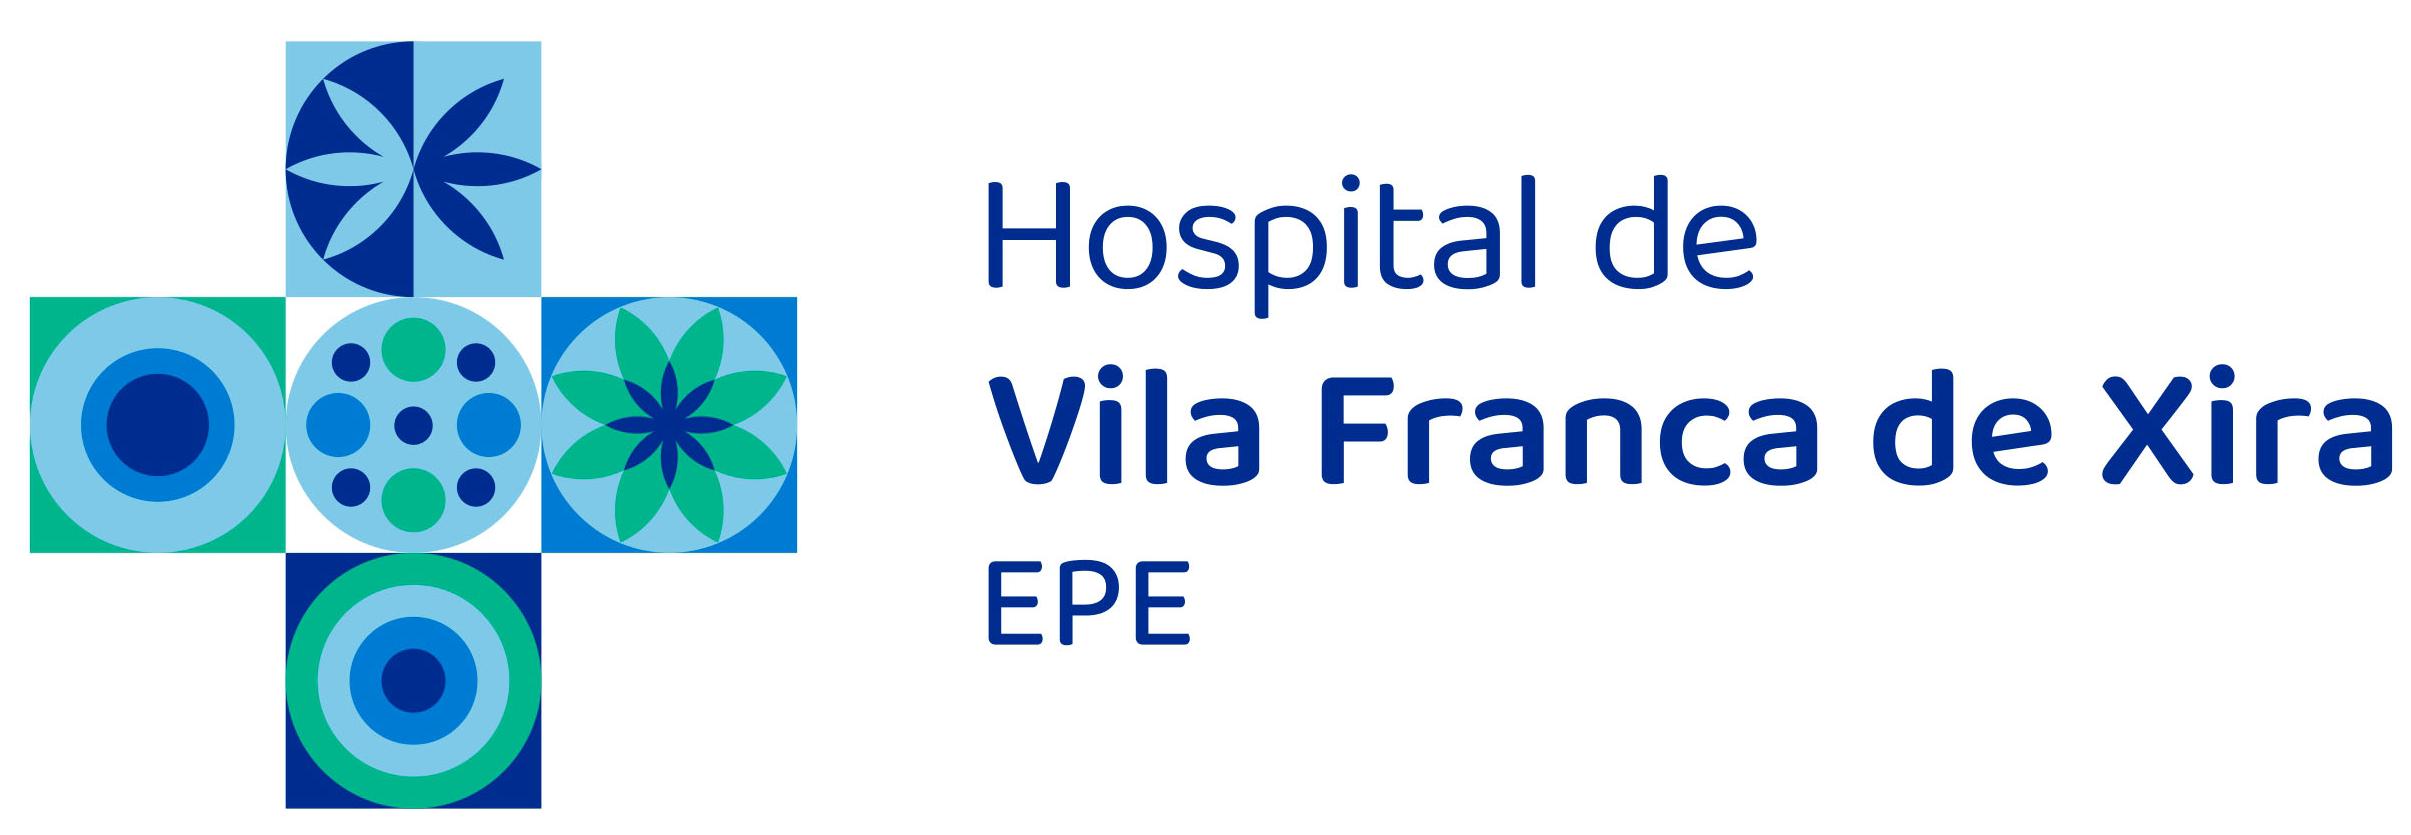 hospital-de-vila-franca-de-xira-logo-logotipo